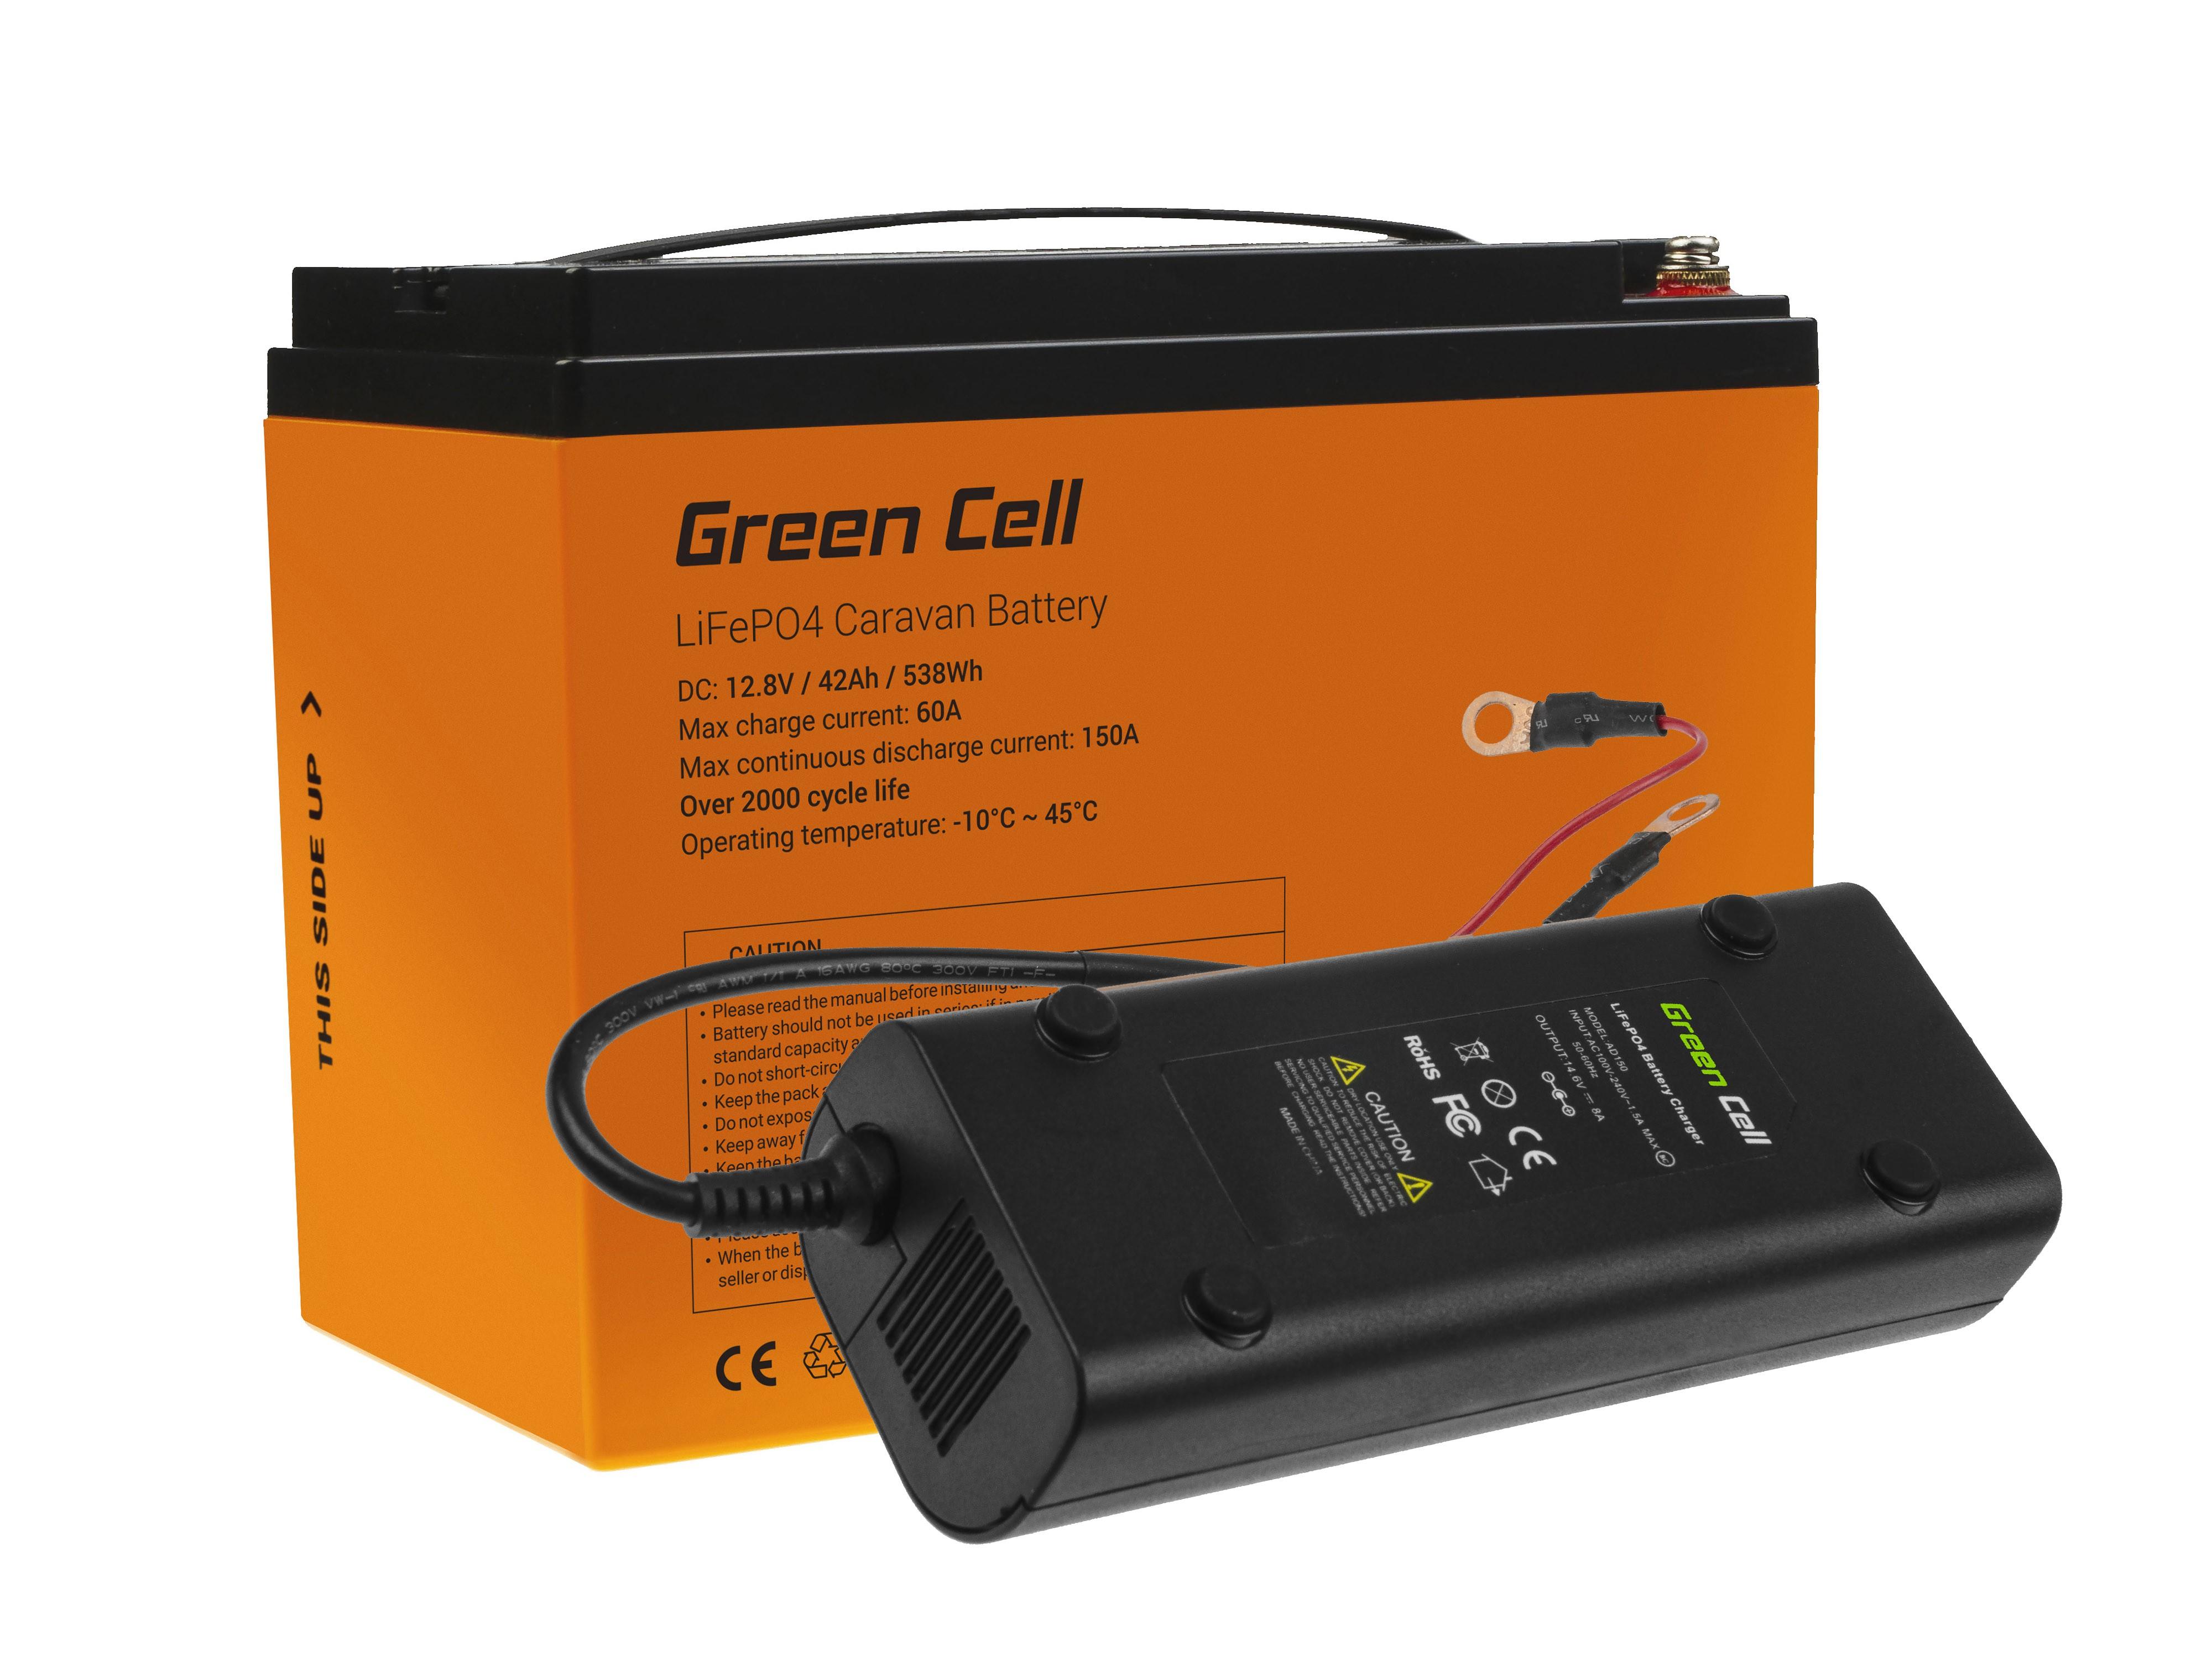 Akumulator litowo-żelazowo-fosforanowy LiFePO4 12.8V 42Ah do paneli solarnych i kamperów